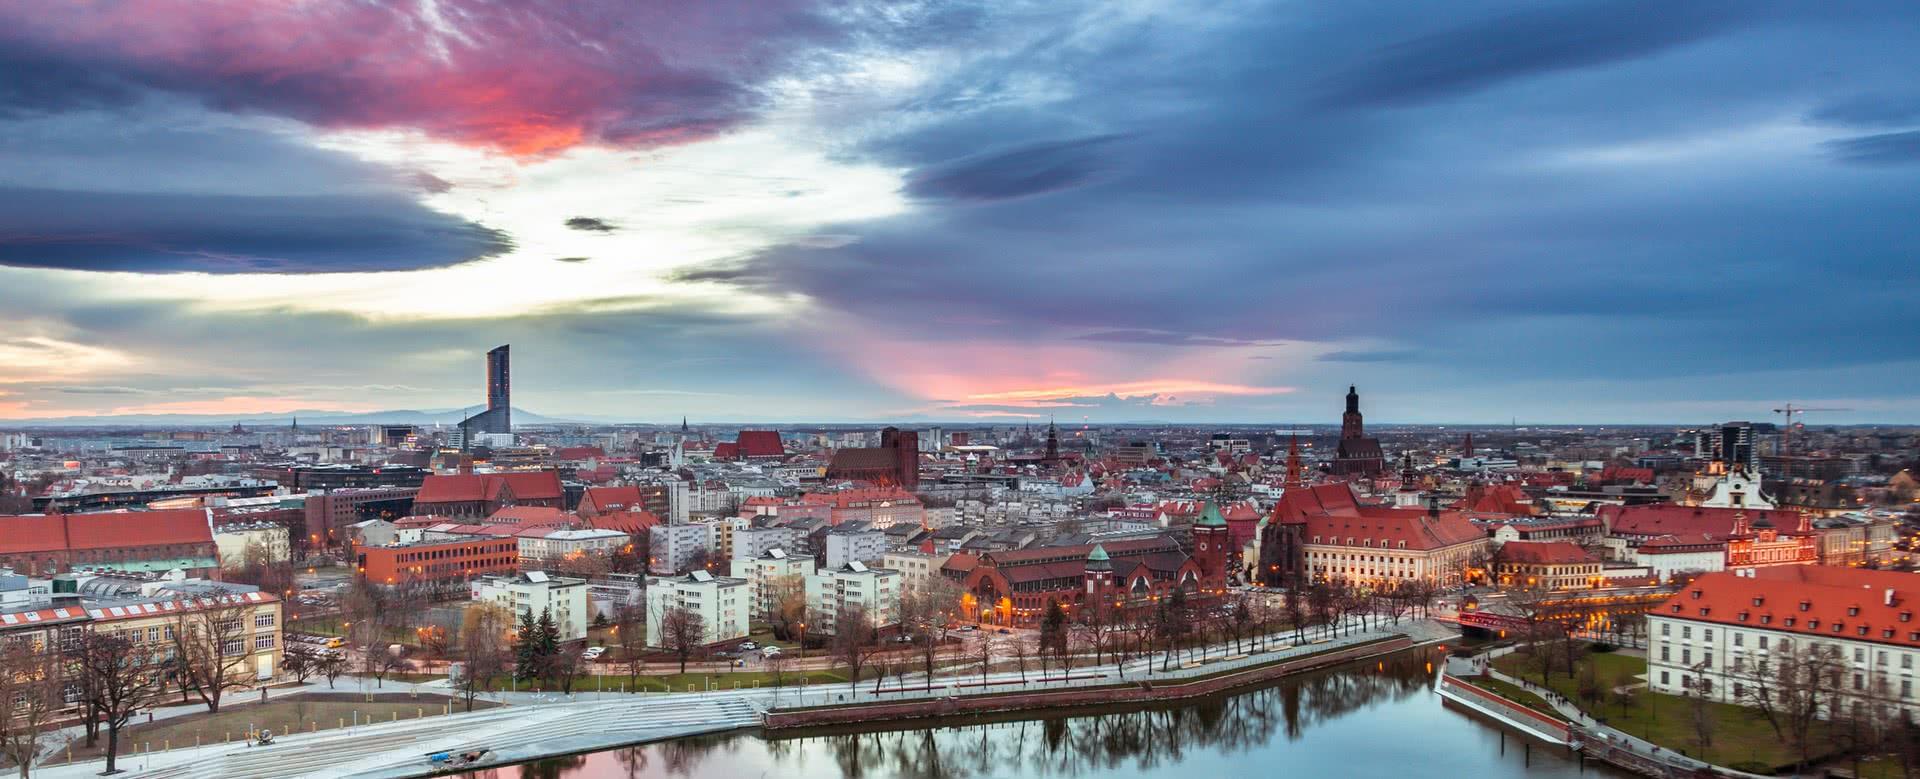 Titelbild von Wroclaw